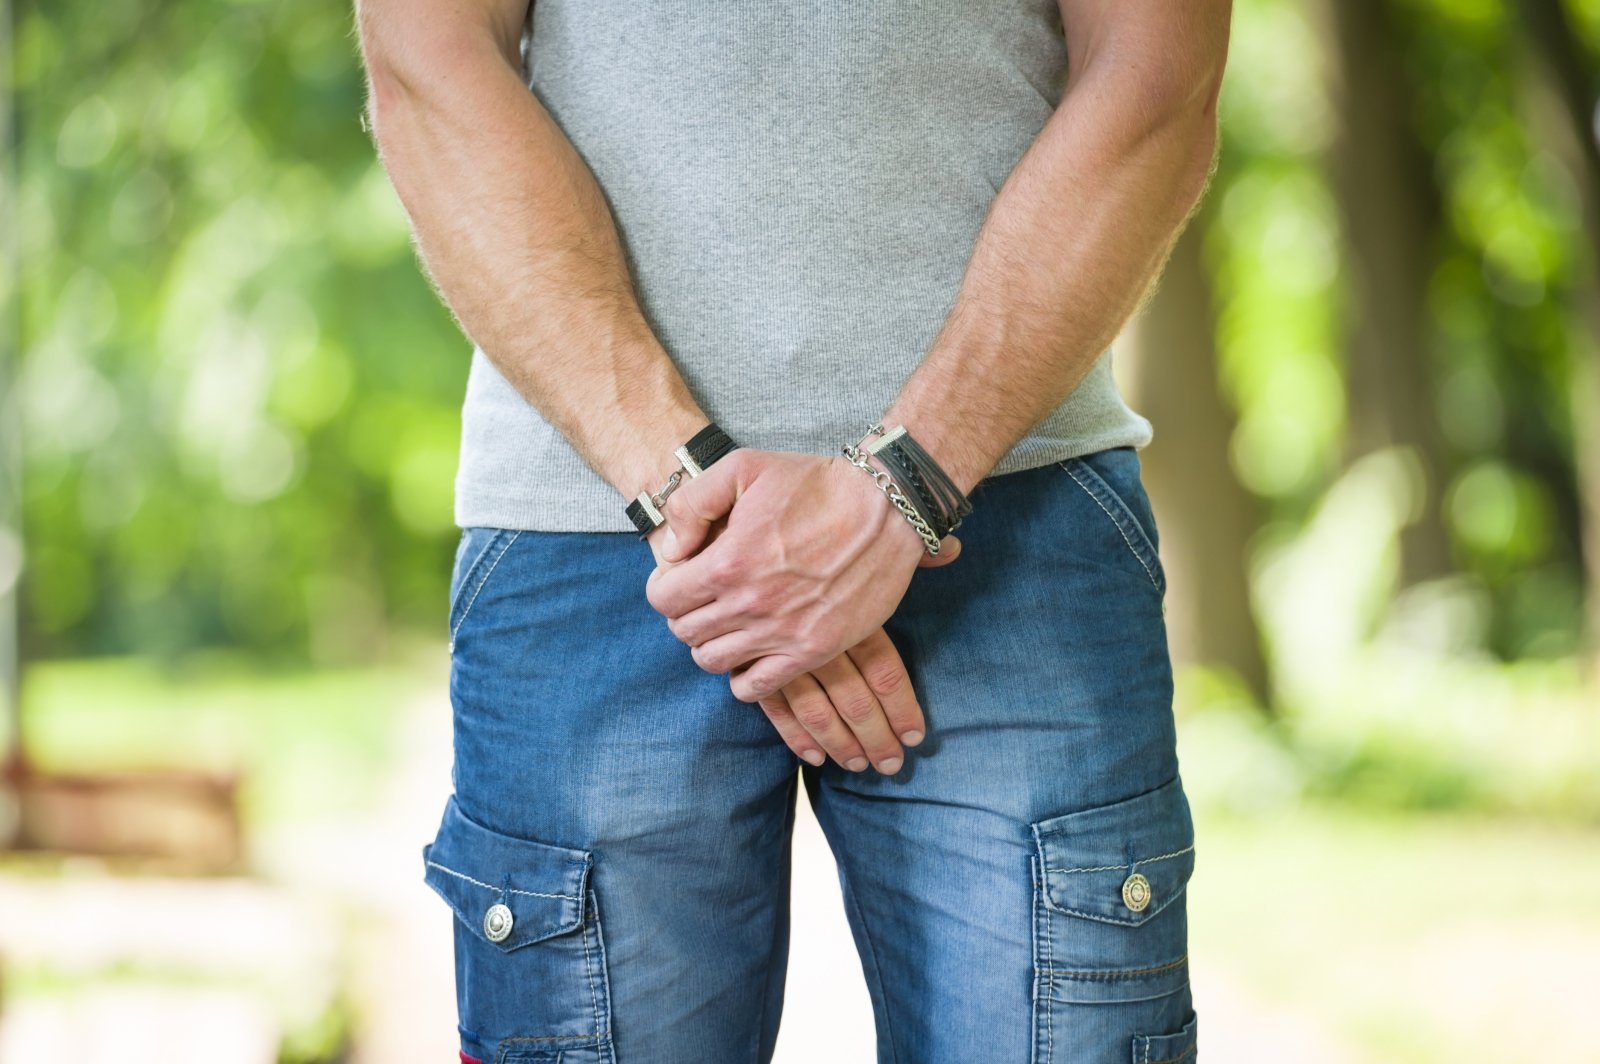 vaikinas neturi erekcijos kaip padidinti savo peni atsisiusti torrent